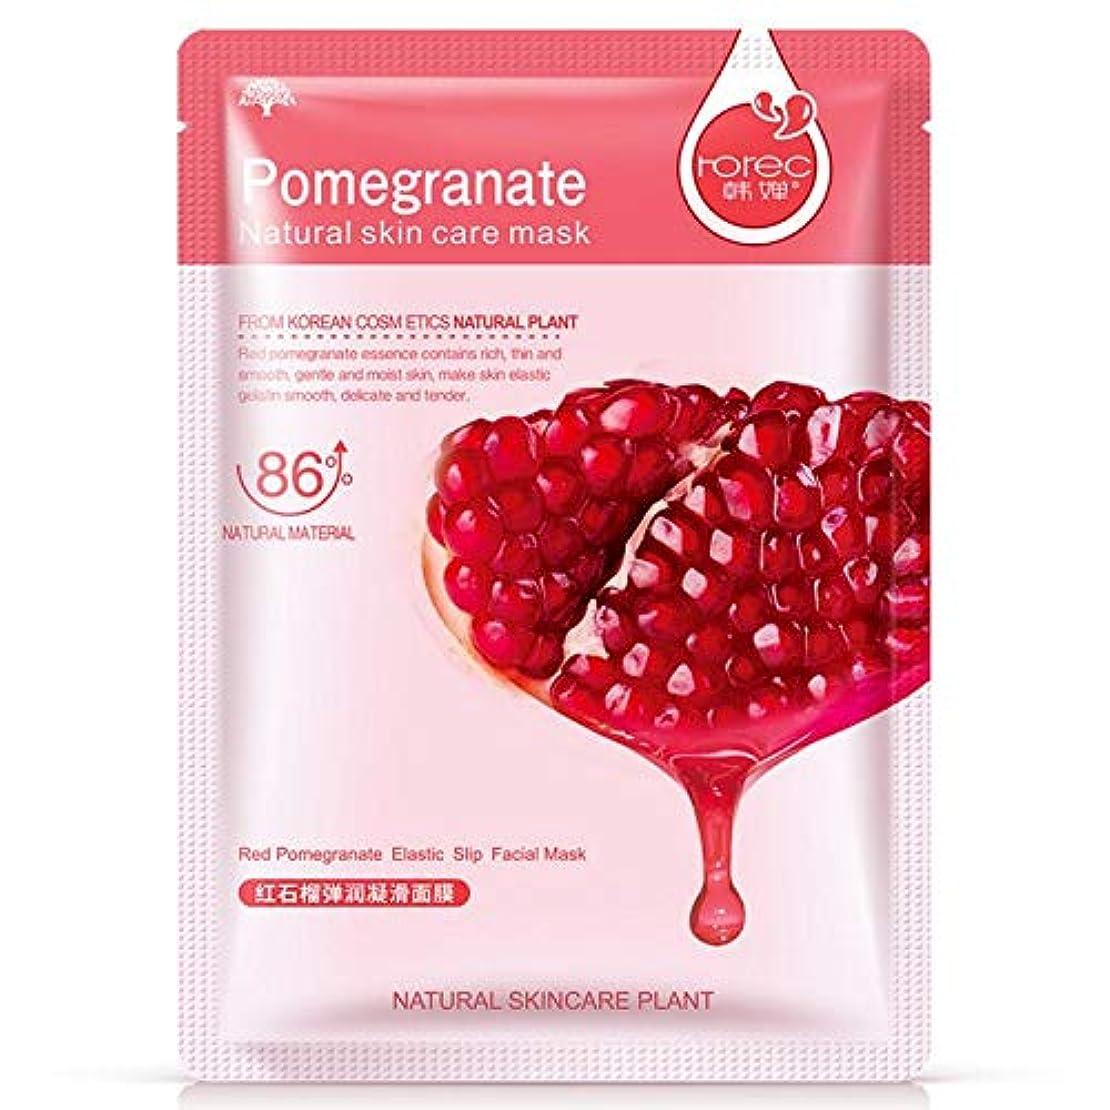 奇跡的な孤独健康(Pomegranate) Skin Care Plant Facial Mask Moisturizing Oil Control Blackhead Remover Wrapped Mask Face Mask Face...